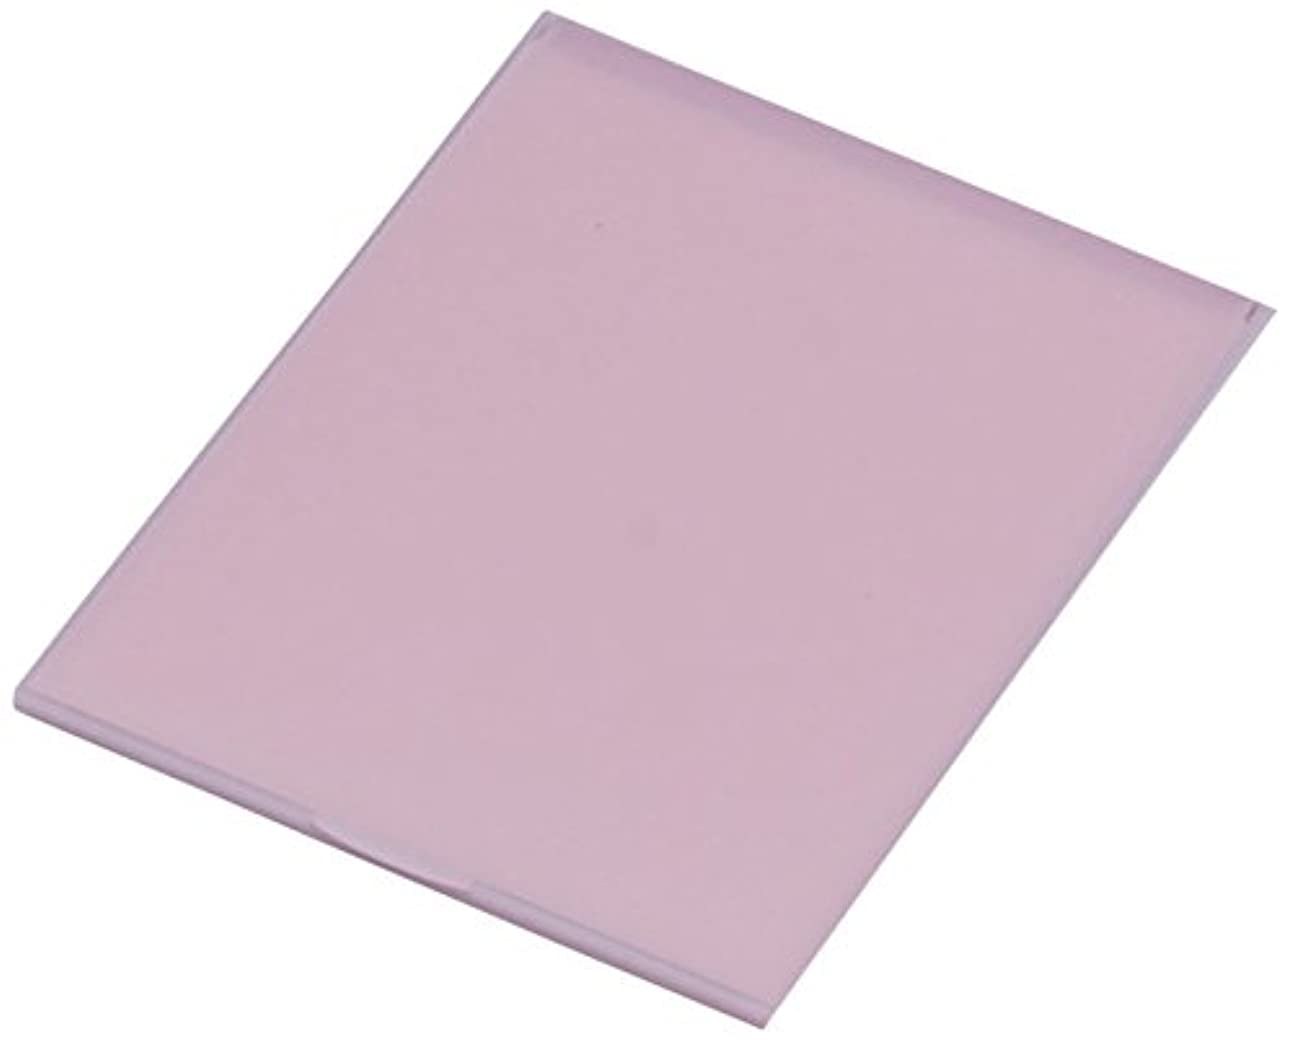 アッパー生き残り調和のとれた堀内鏡工業 スリム&ライト パステルカラー コンパクトミラー L ピンク